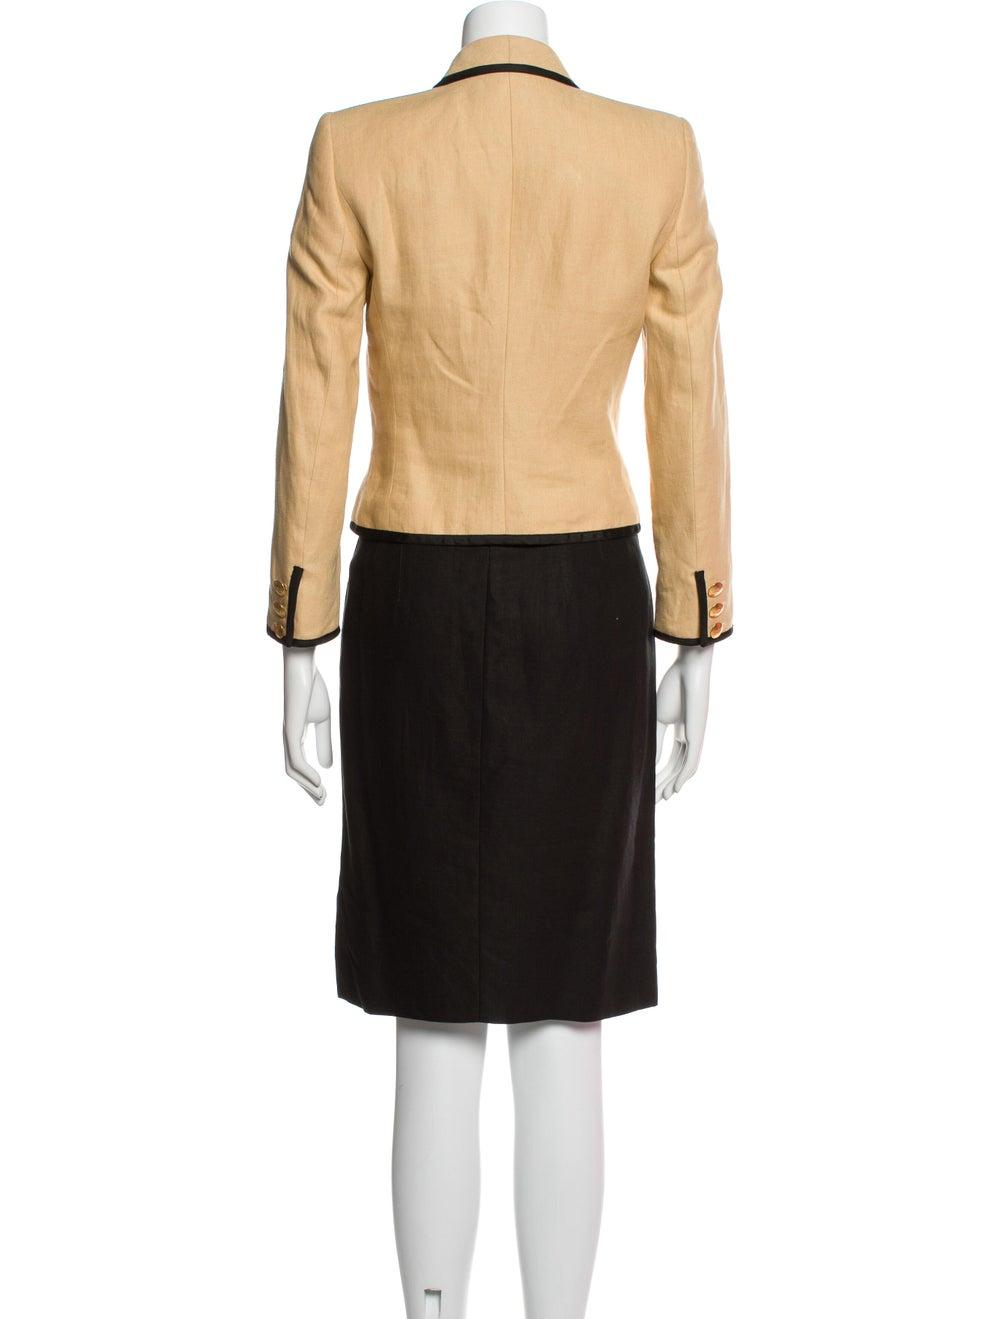 Rena Lange Vintage Linen Skirt Suit - image 3